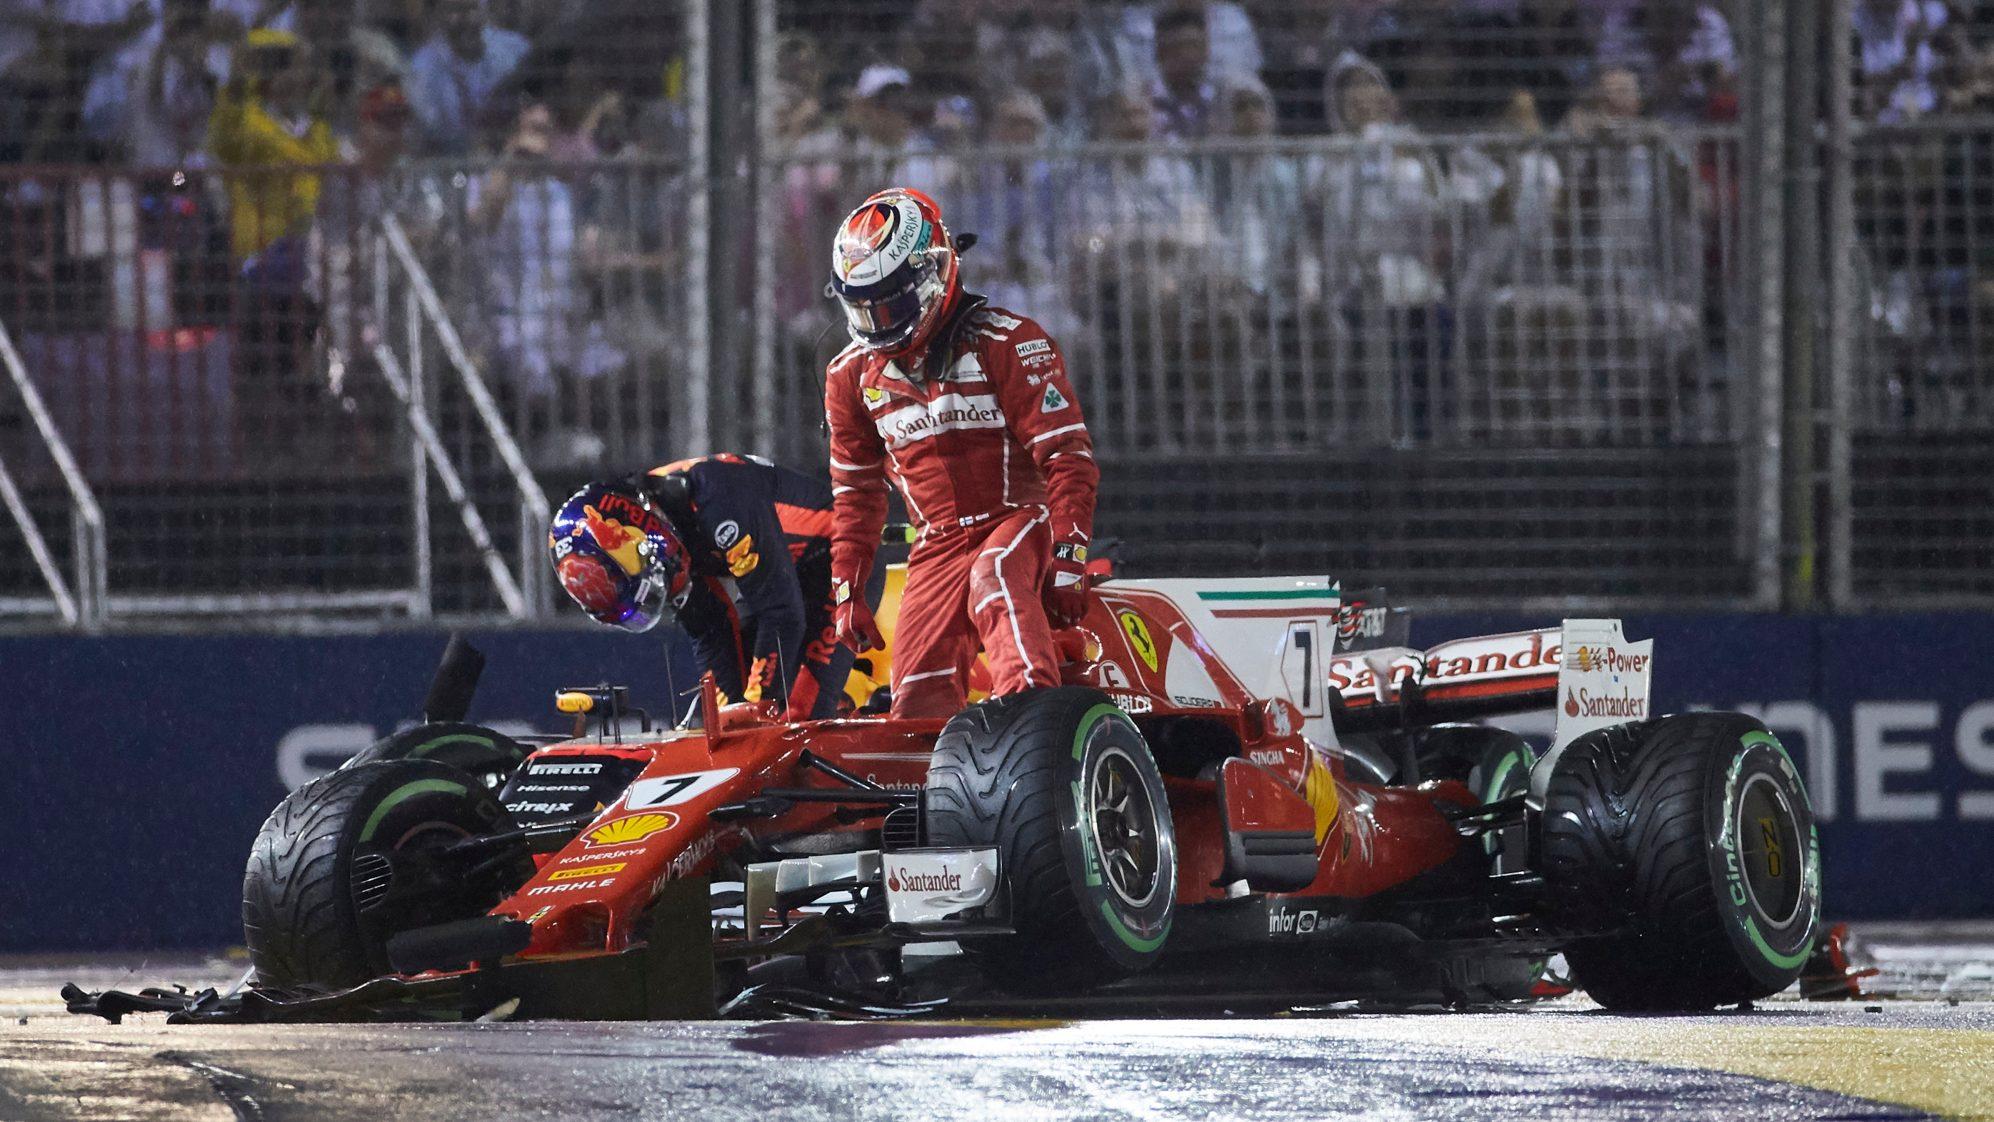 F1 - Gp Singapore 2017: Uno dei più grandi fratricidi Ferrari